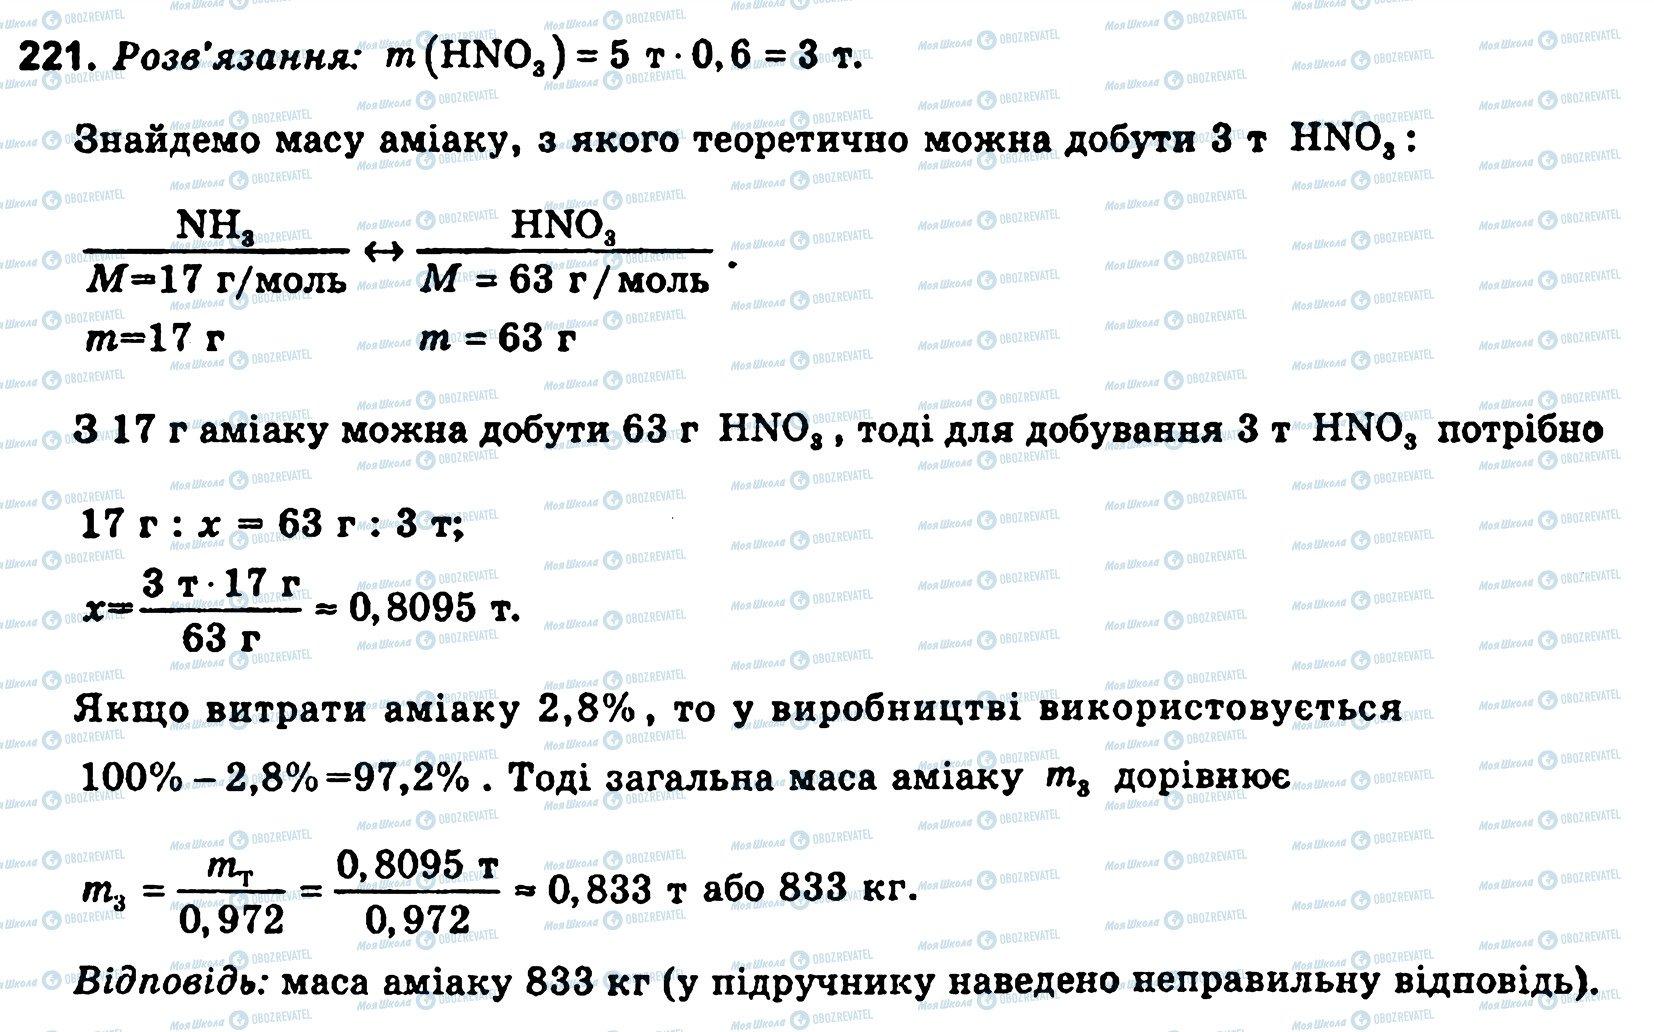 ГДЗ Хімія 11 клас сторінка 221